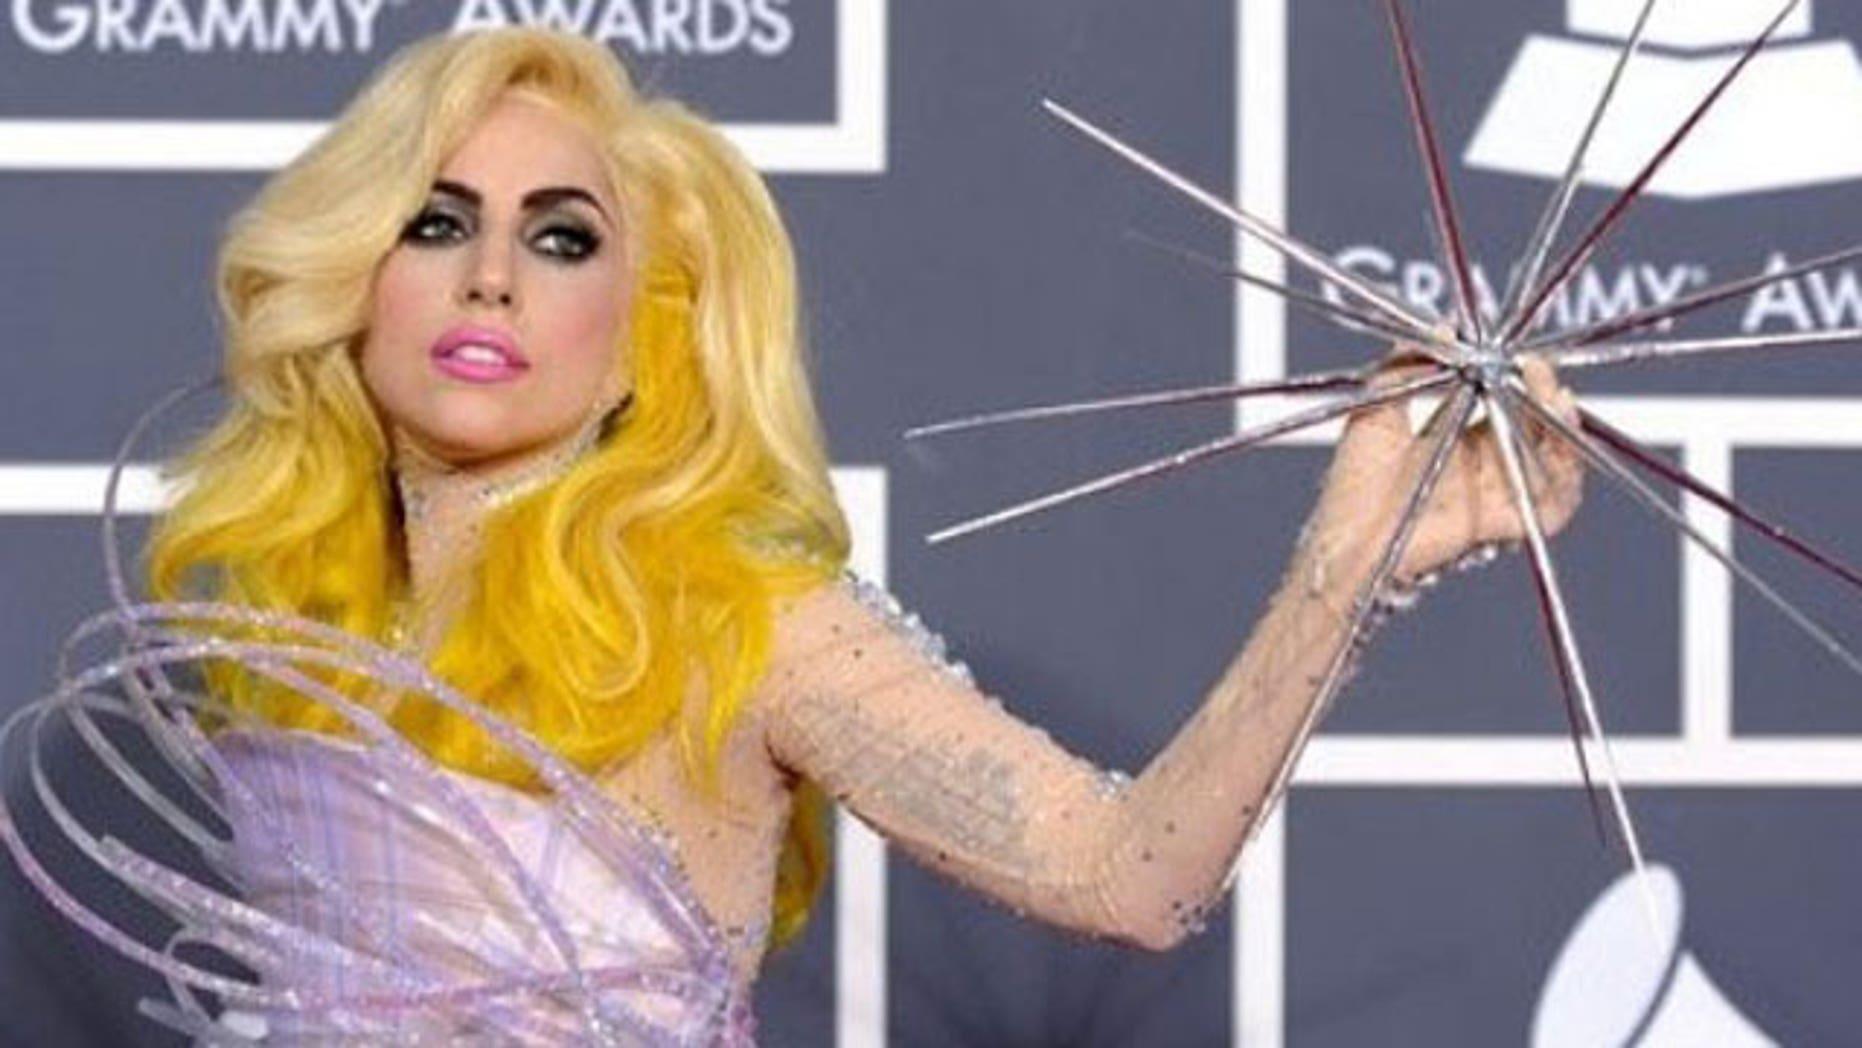 Lady Gaga has been named one of Vanity Fair's best dressed stars.